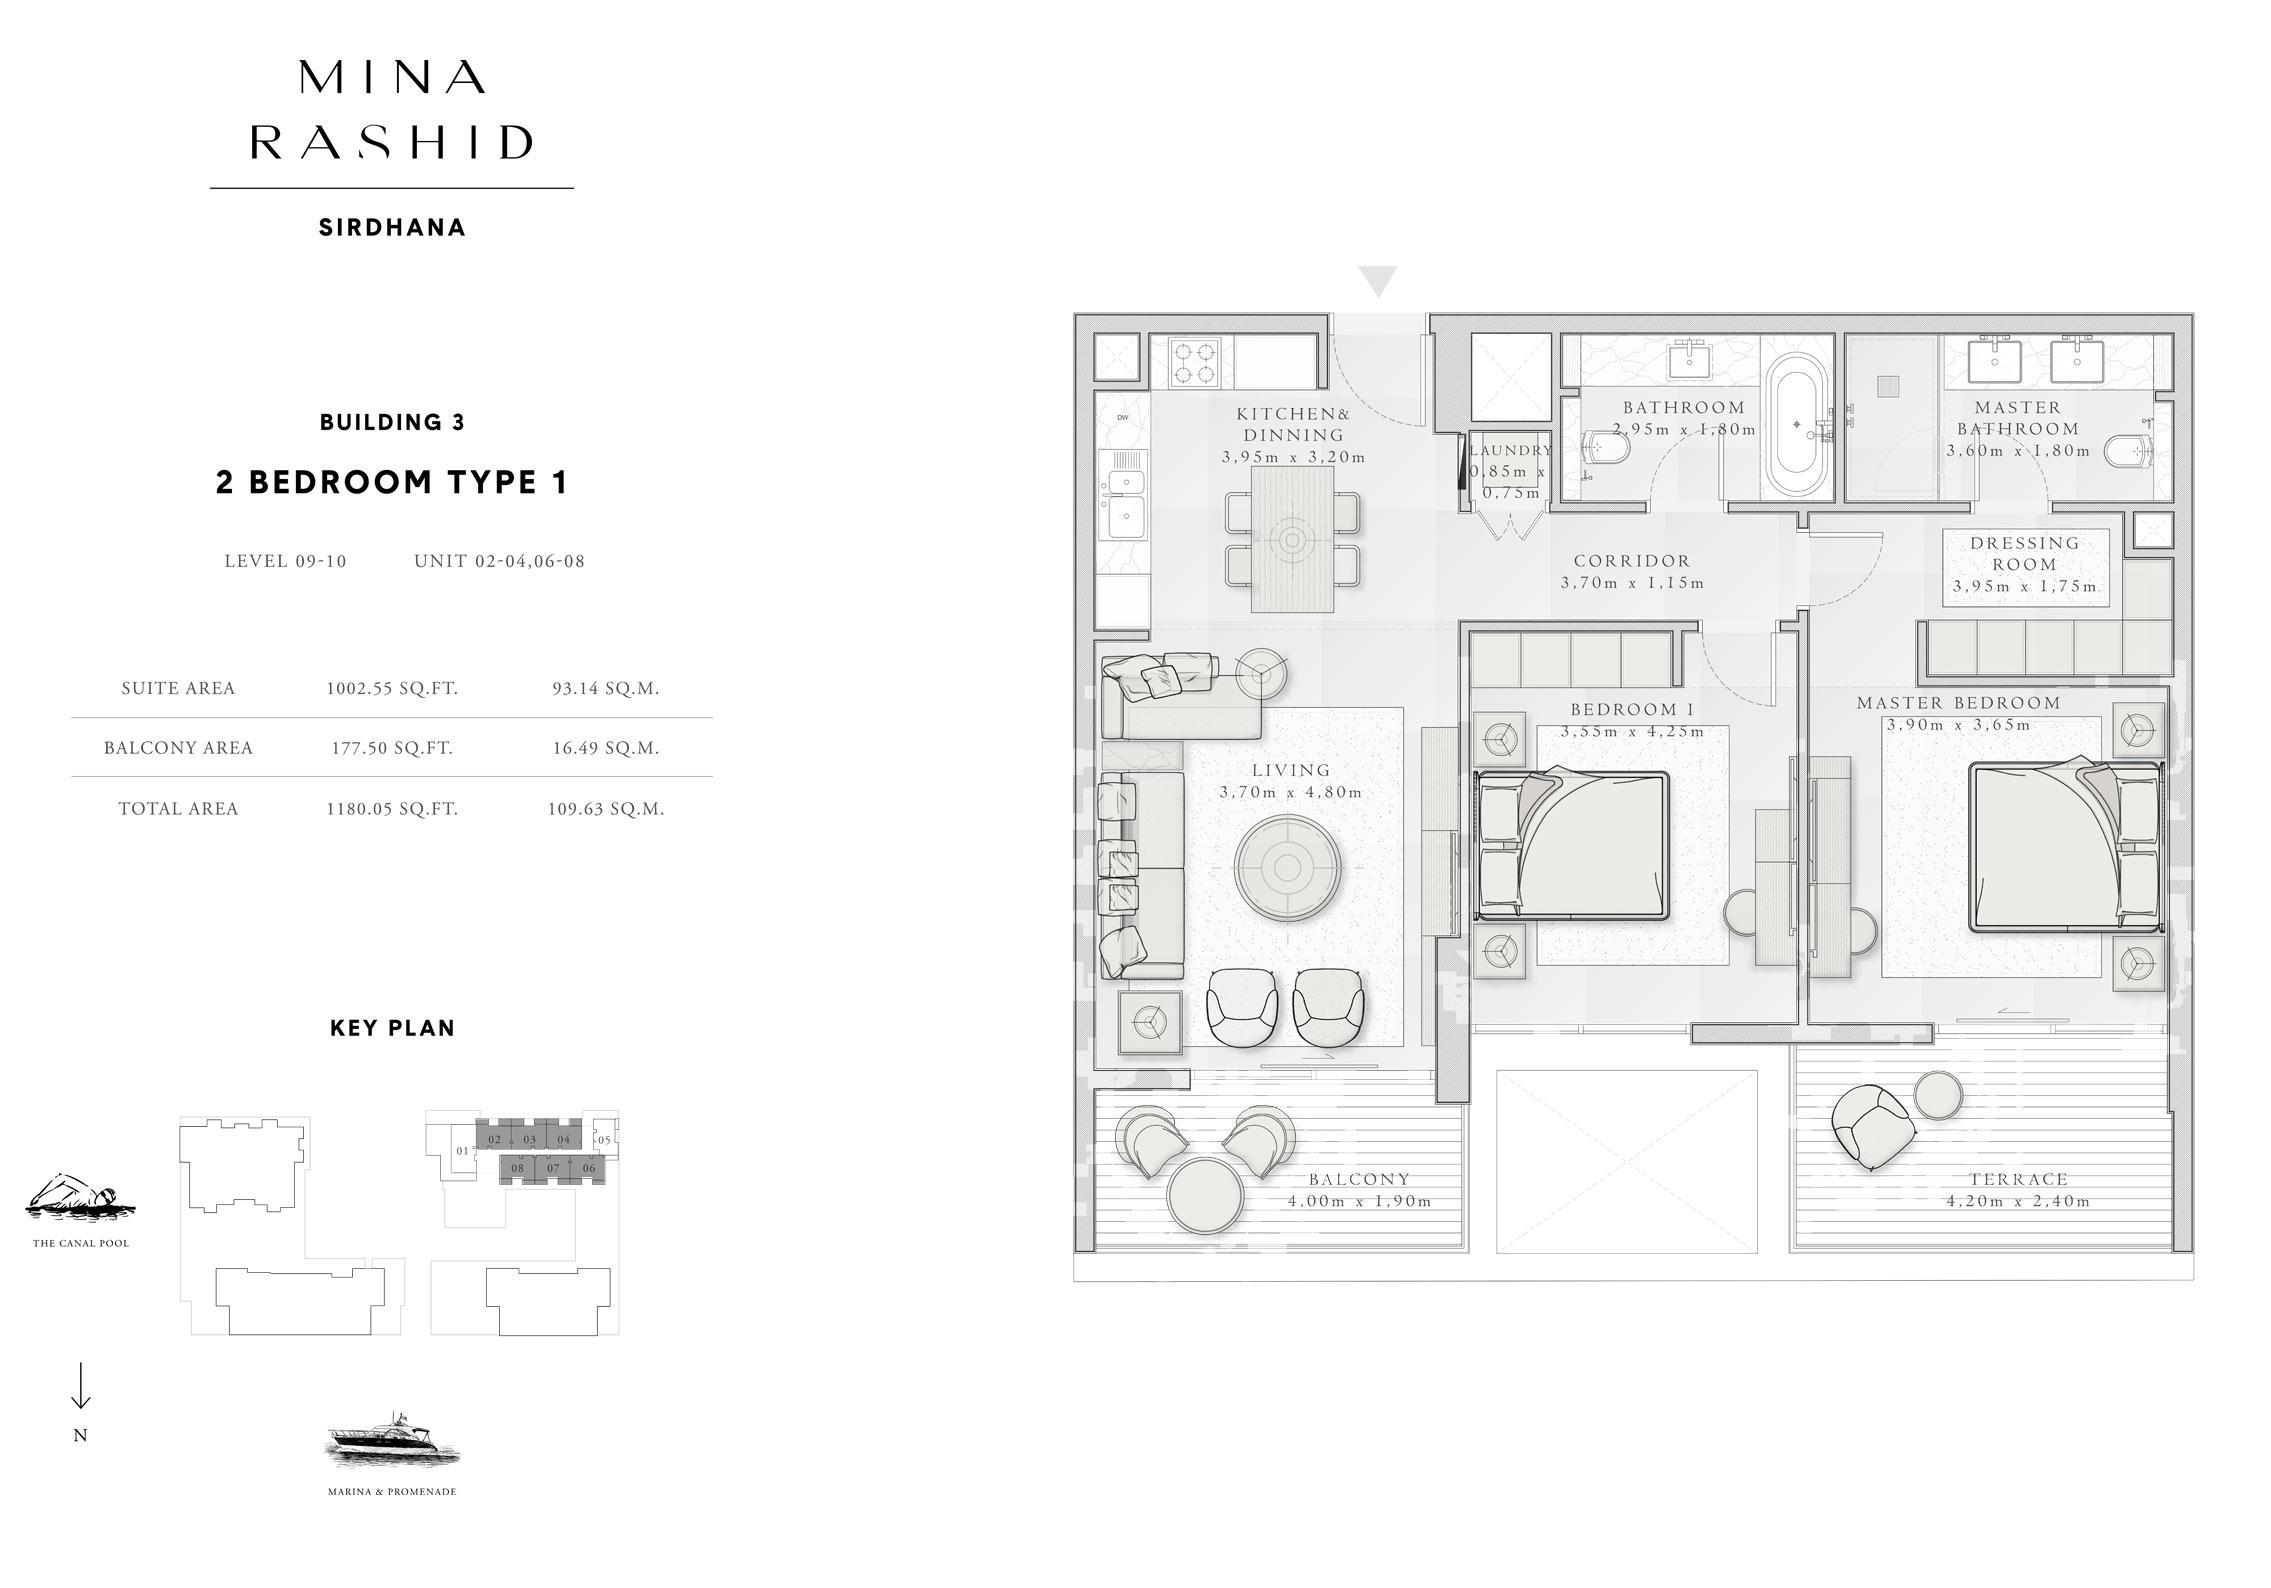 المبنى 3- غرفتي نوم،  نوع 1، المستوى 9 إلى 10، حجم-1180-قدم مربع